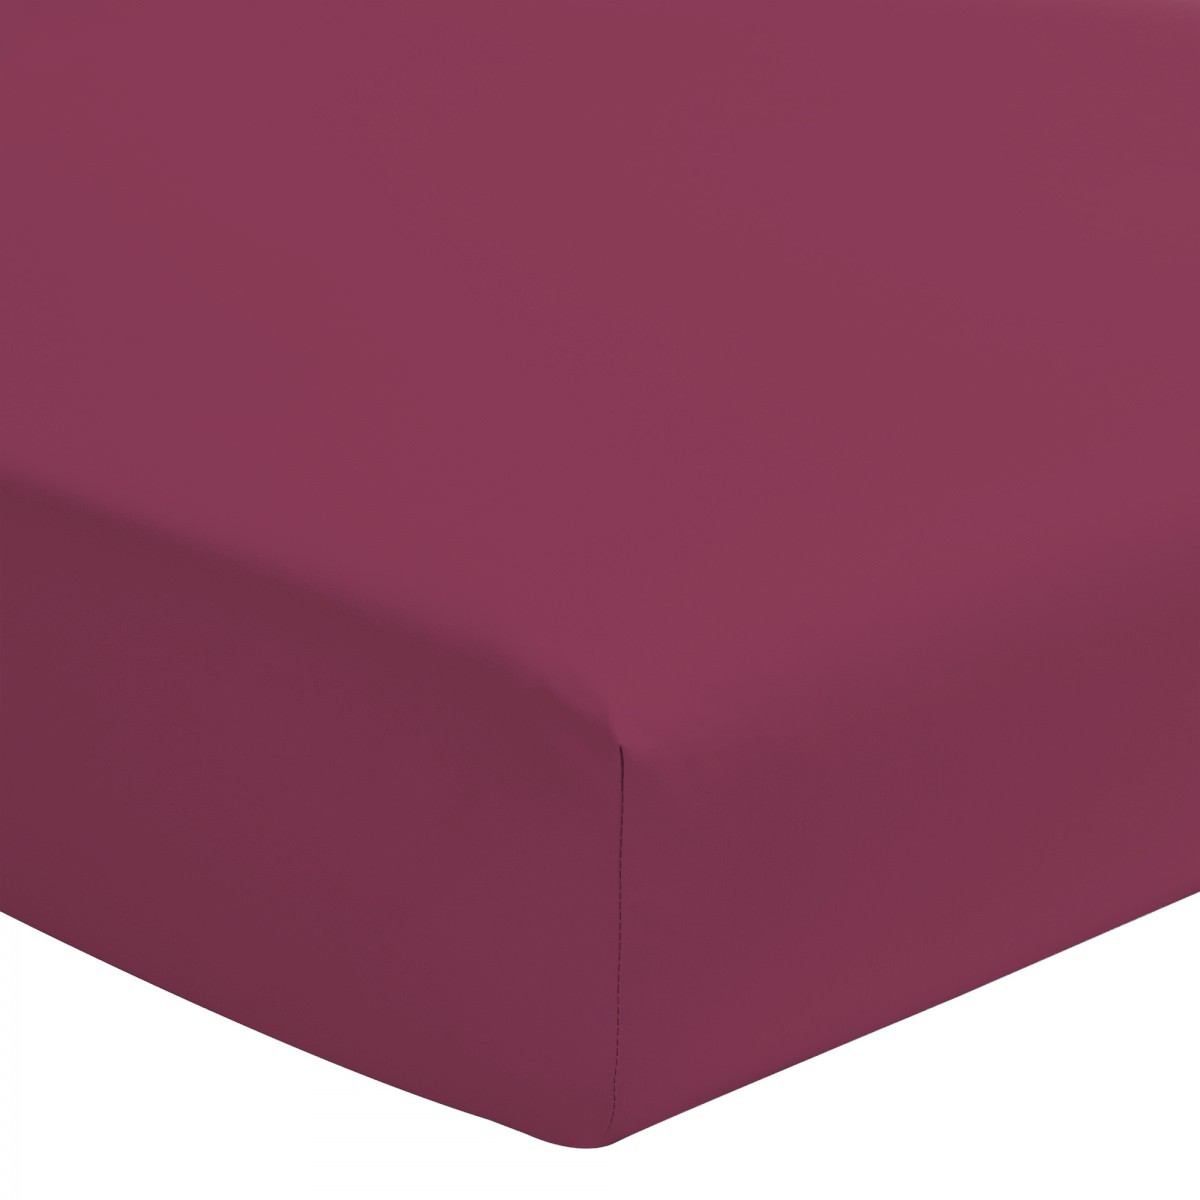 Drap Housse Uni 100% Coton Bonnet 30cm Fushia 140x200cm